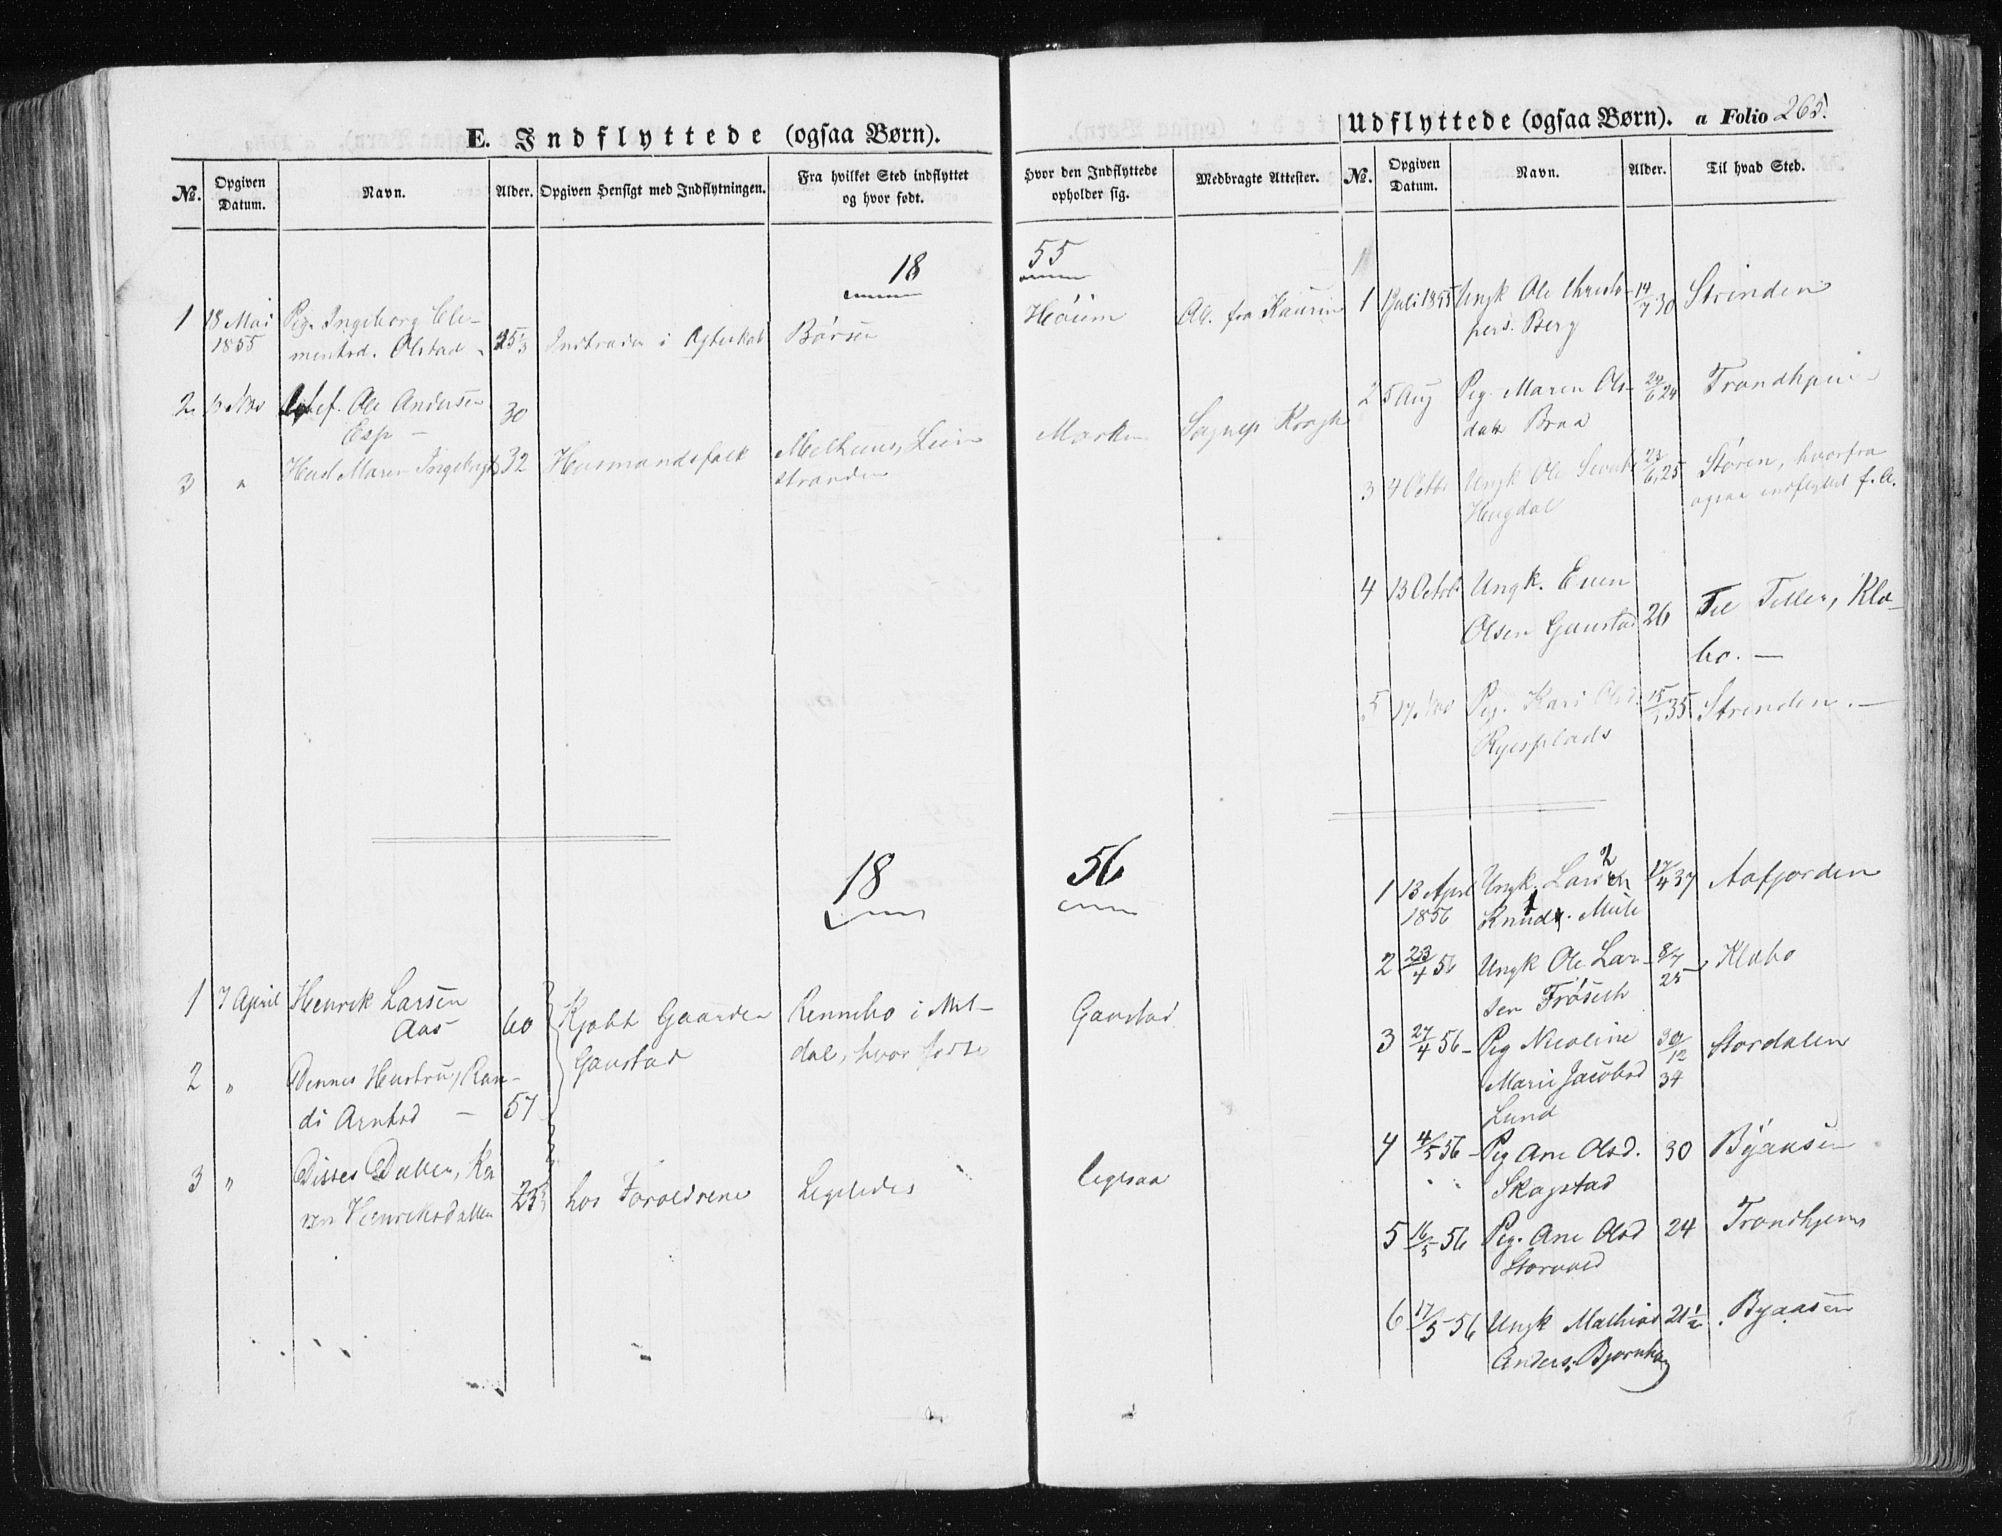 SAT, Ministerialprotokoller, klokkerbøker og fødselsregistre - Sør-Trøndelag, 612/L0376: Ministerialbok nr. 612A08, 1846-1859, s. 265